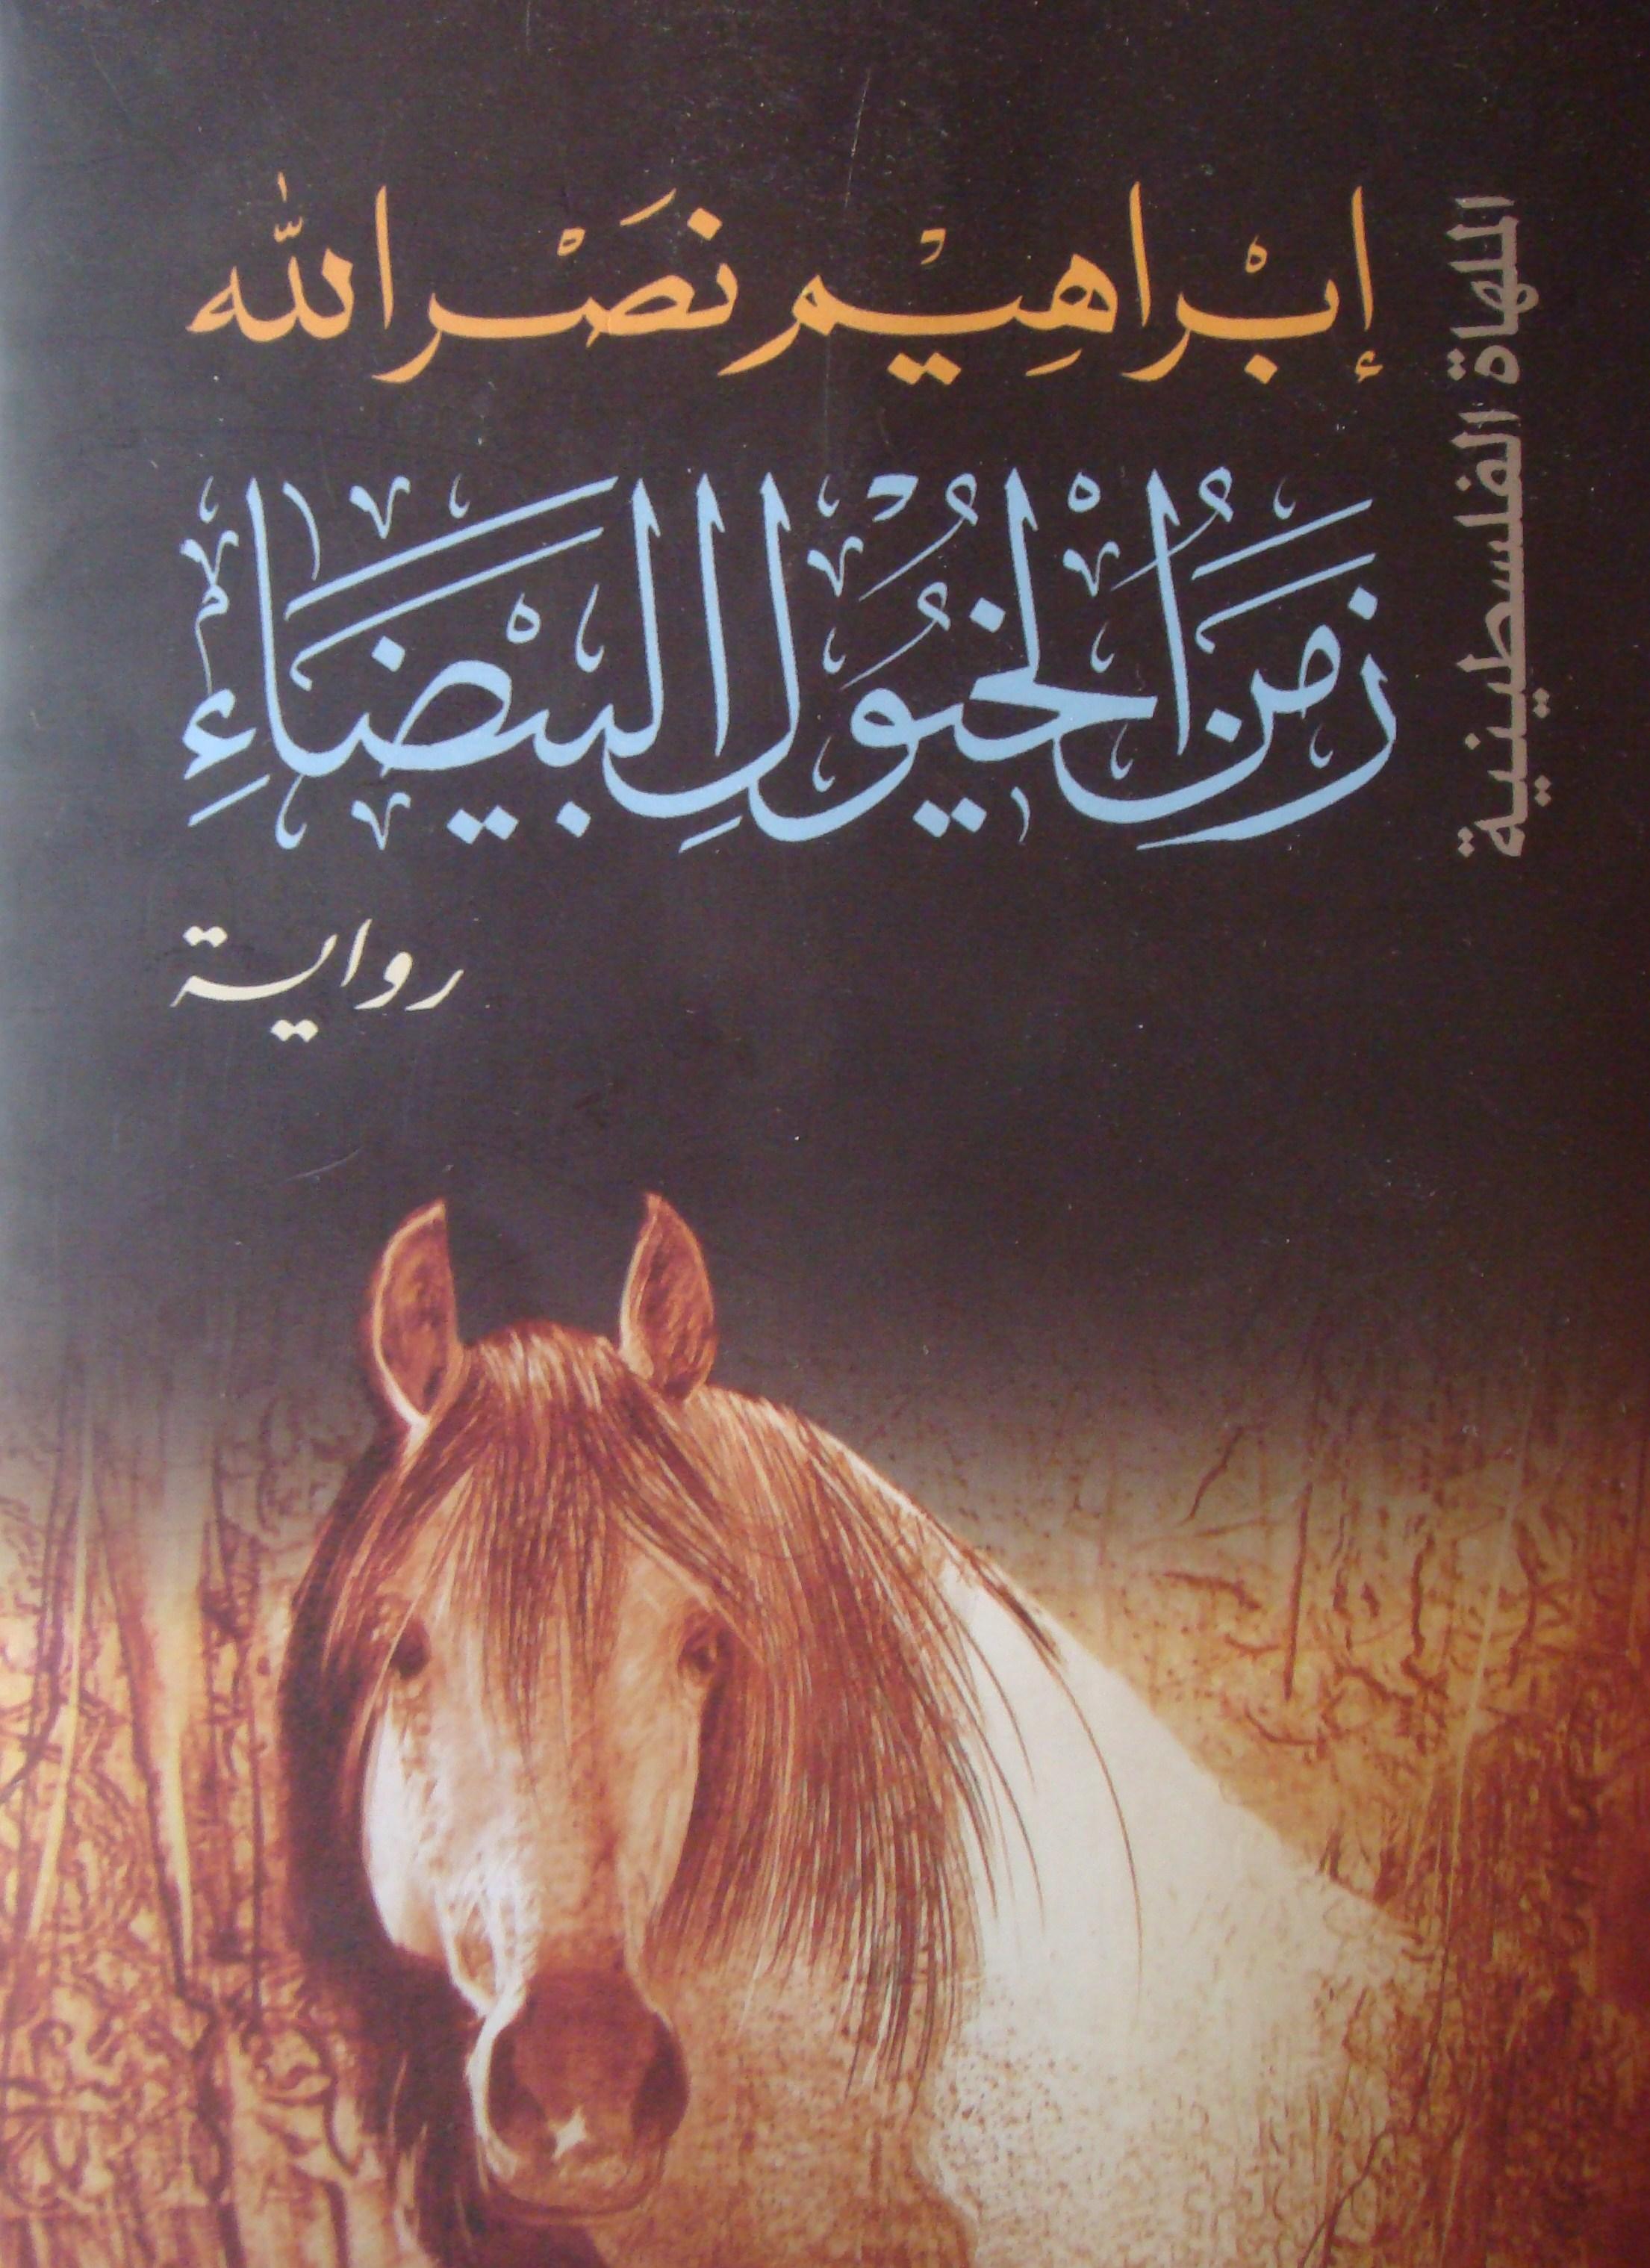 صورة زمن الخيول البيضاء , تعرف على رواية زمن الخيول البيضاء